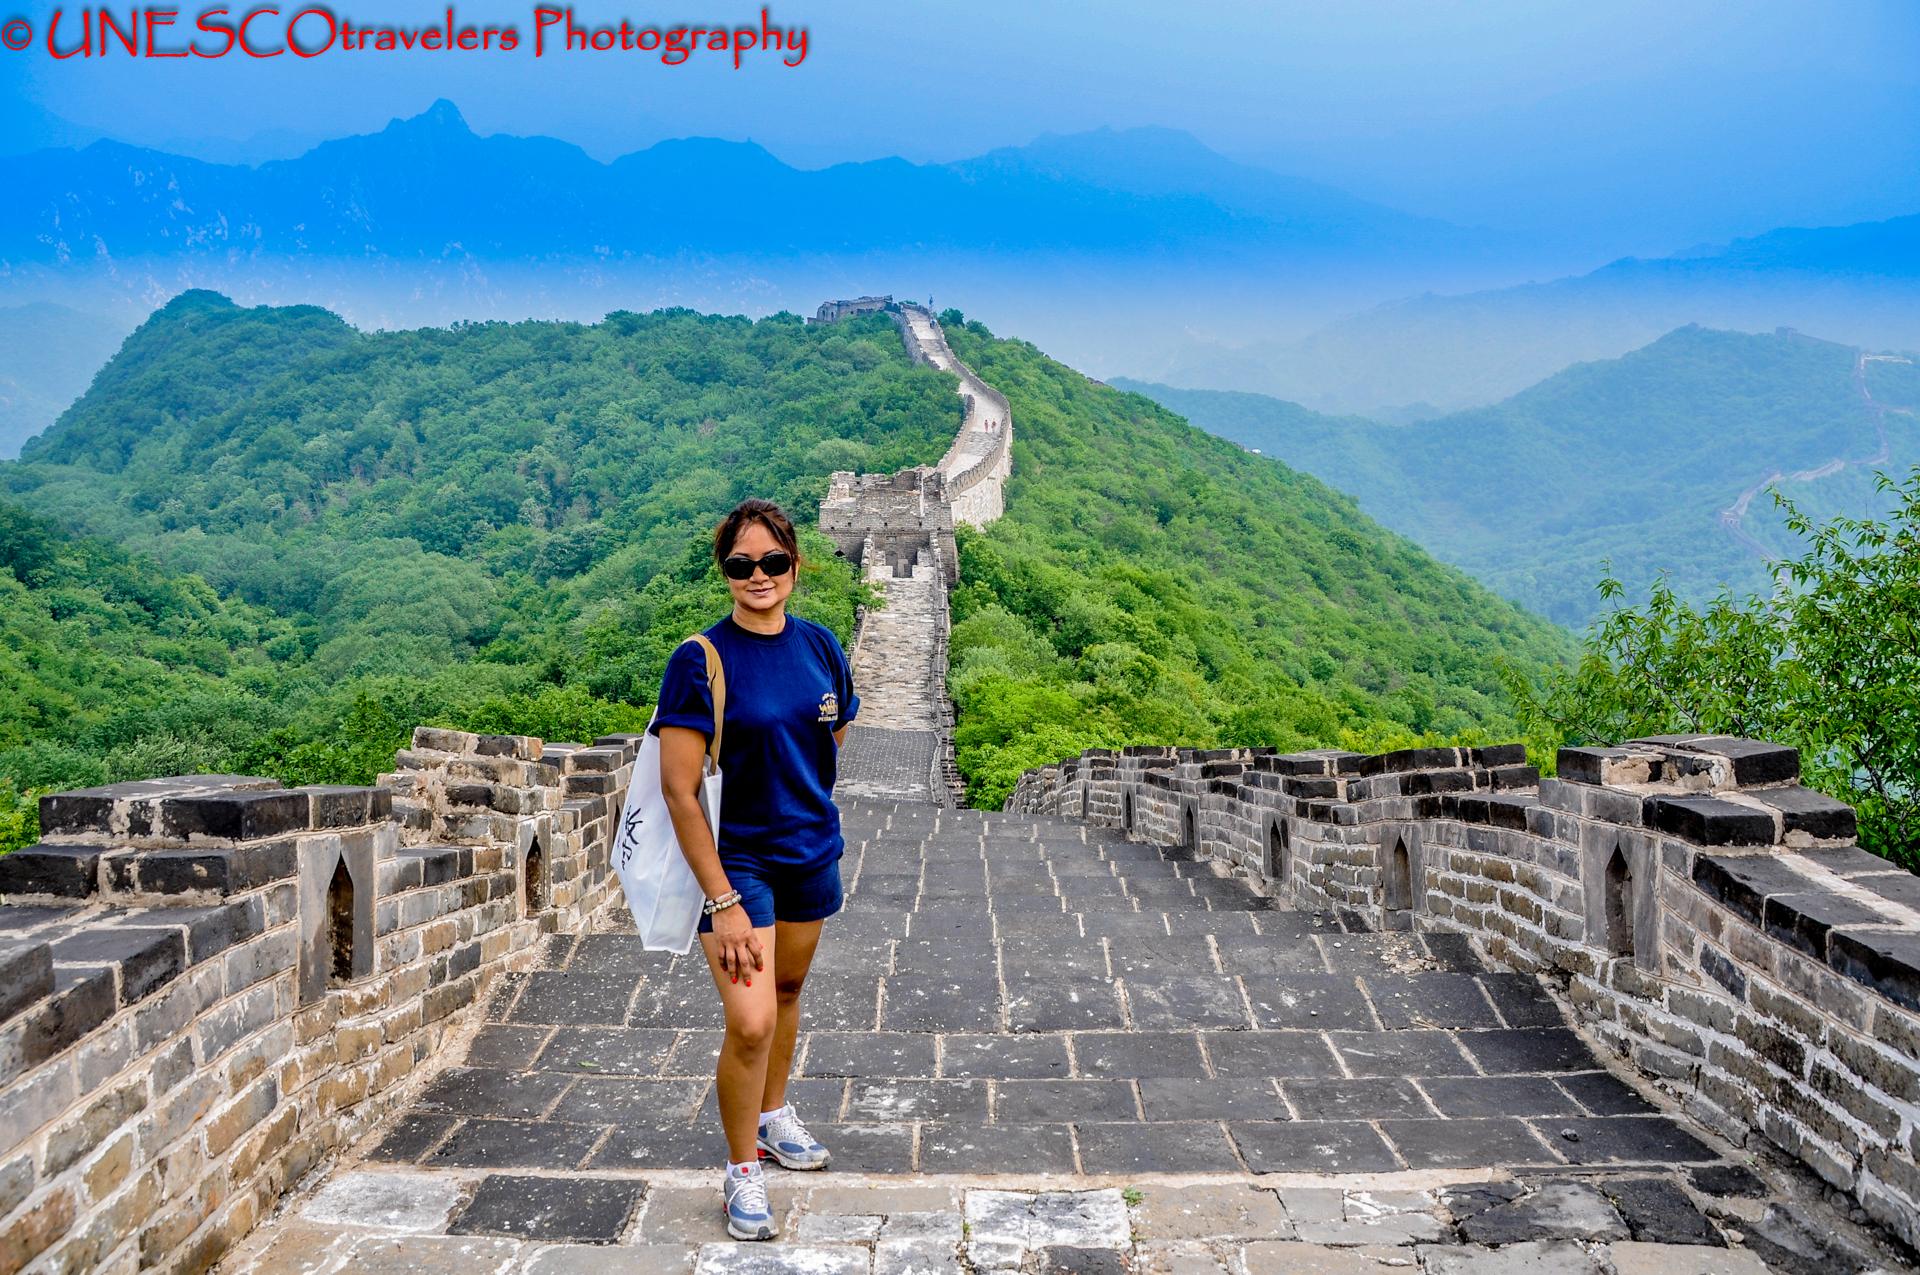 The Long Walk on the Mu Tian Yu Great Wall @ China The Great Wall - China By UNESCOtravelers